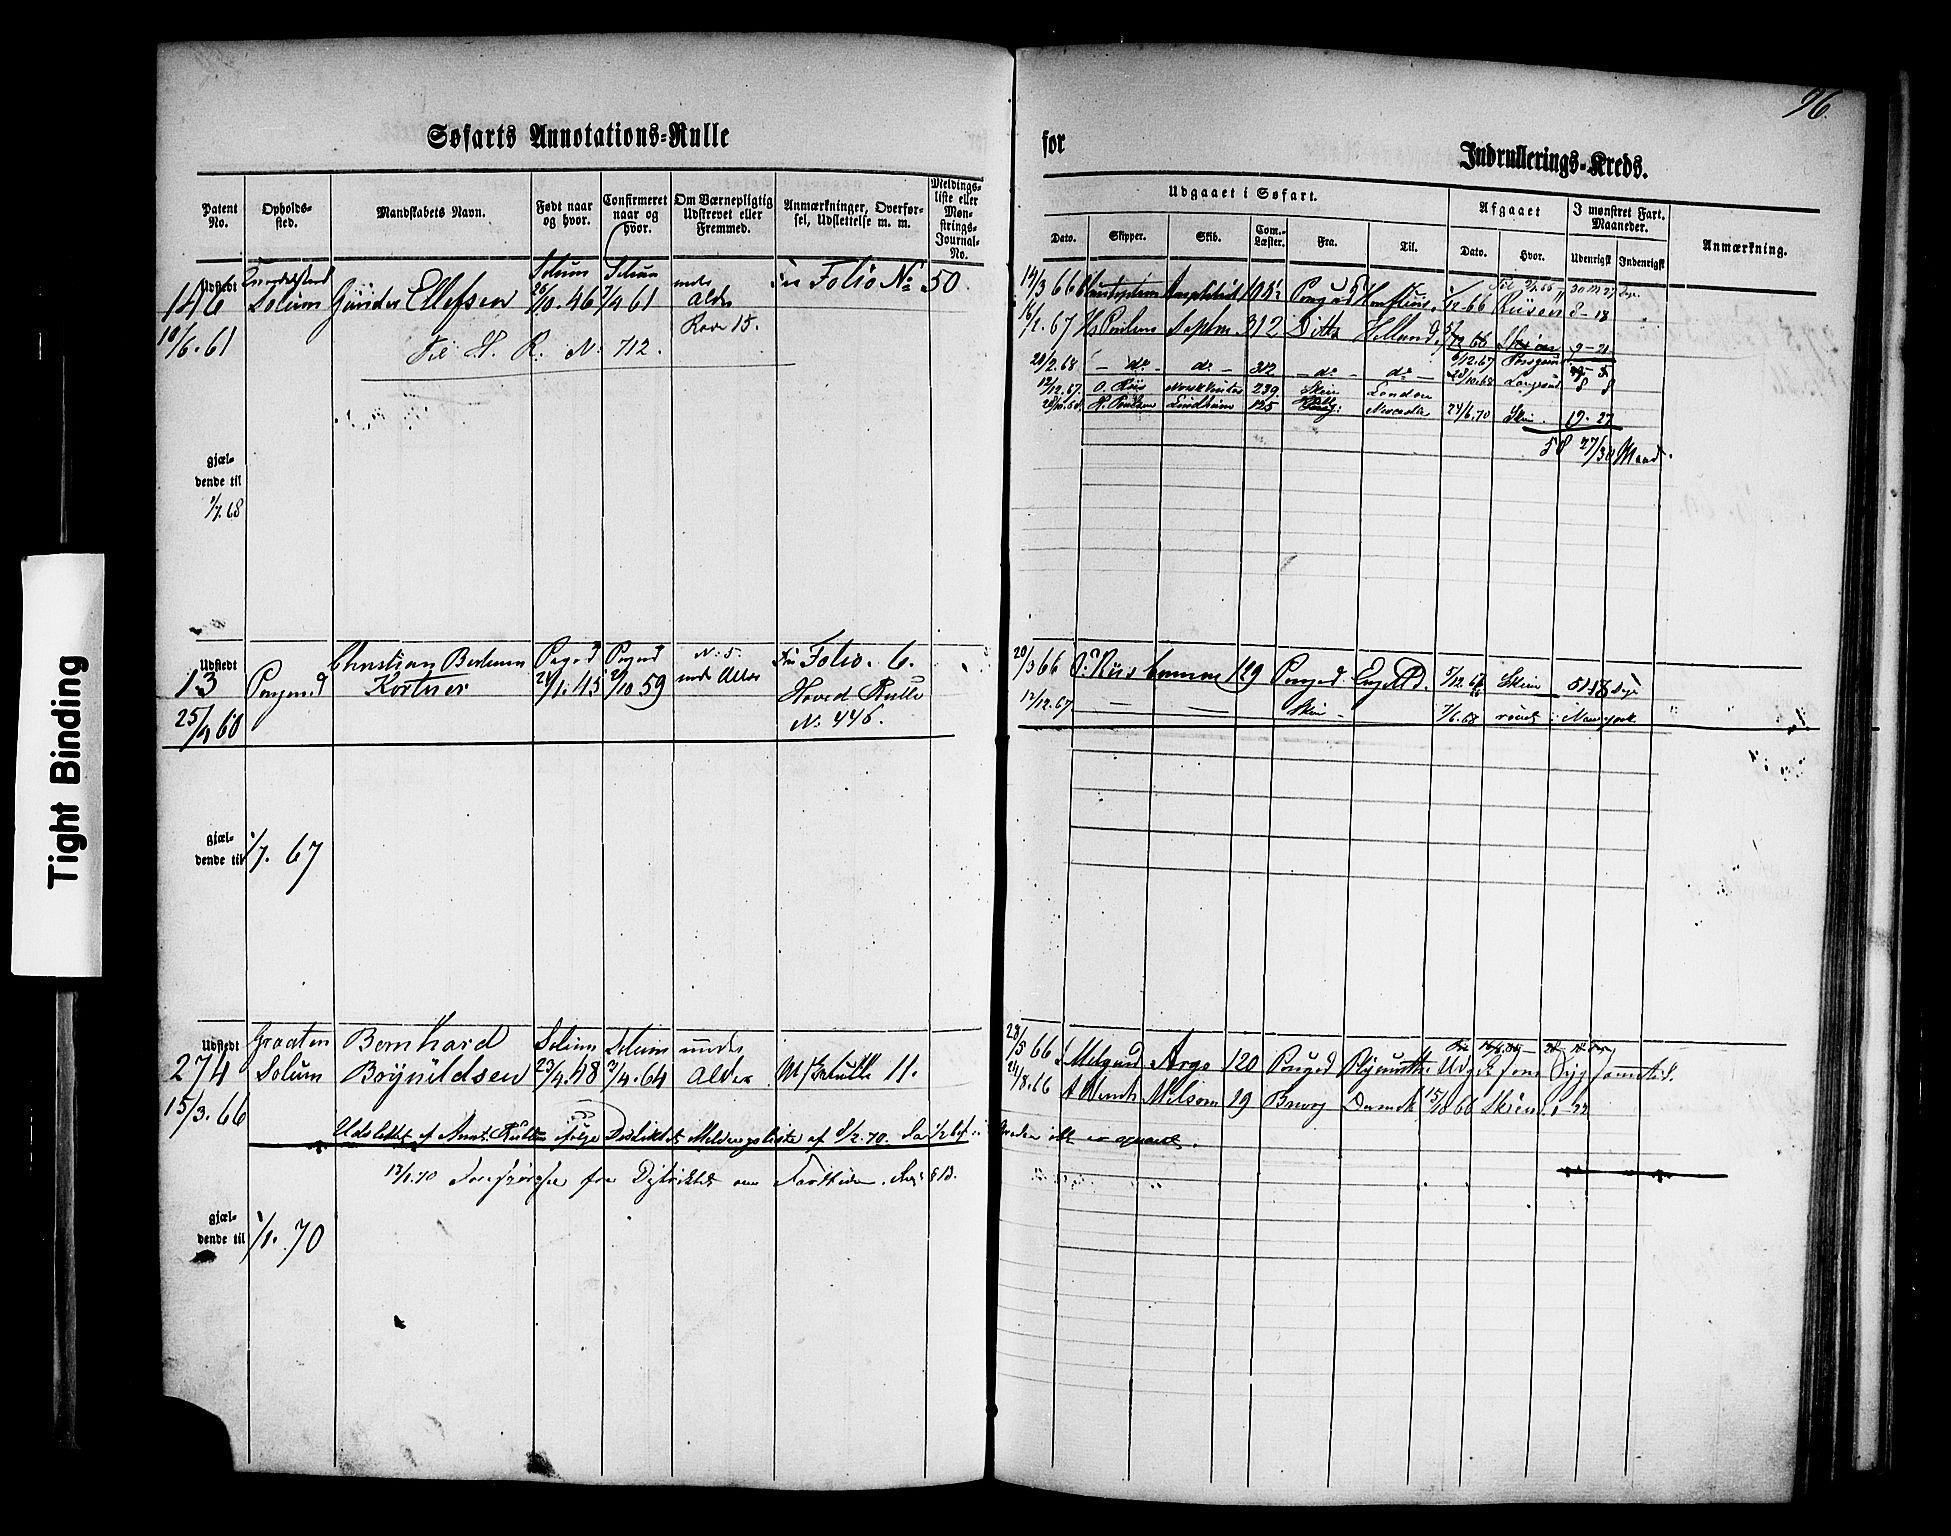 SAKO, Porsgrunn innrulleringskontor, F/Fb/L0001: Annotasjonsrulle, 1860-1868, s. 125